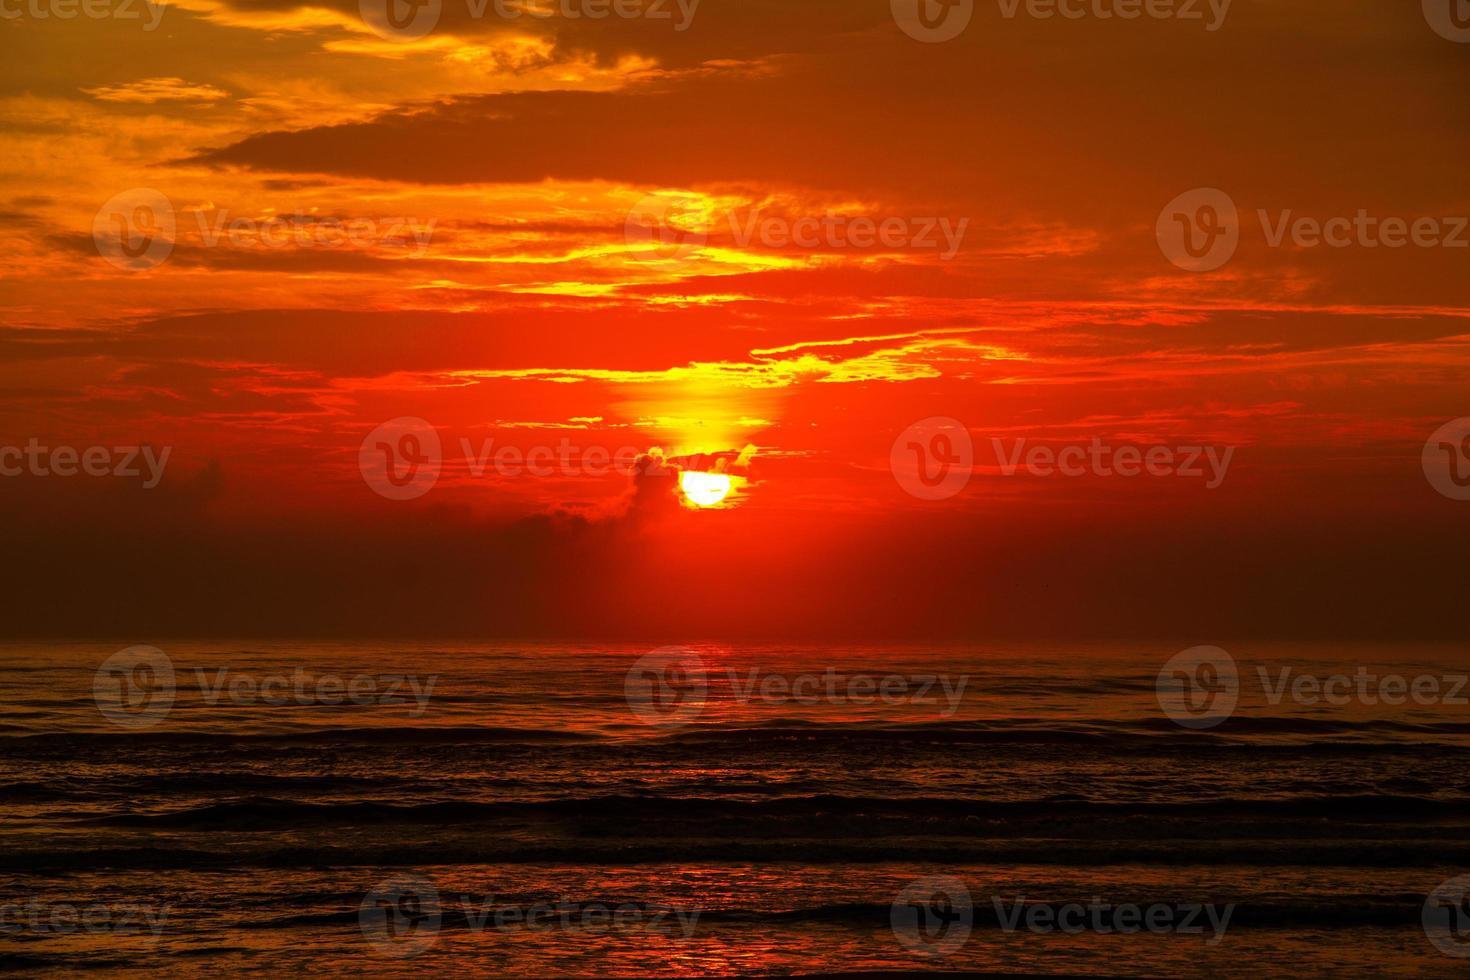 Sonne, Himmel, Wolken, Meer foto